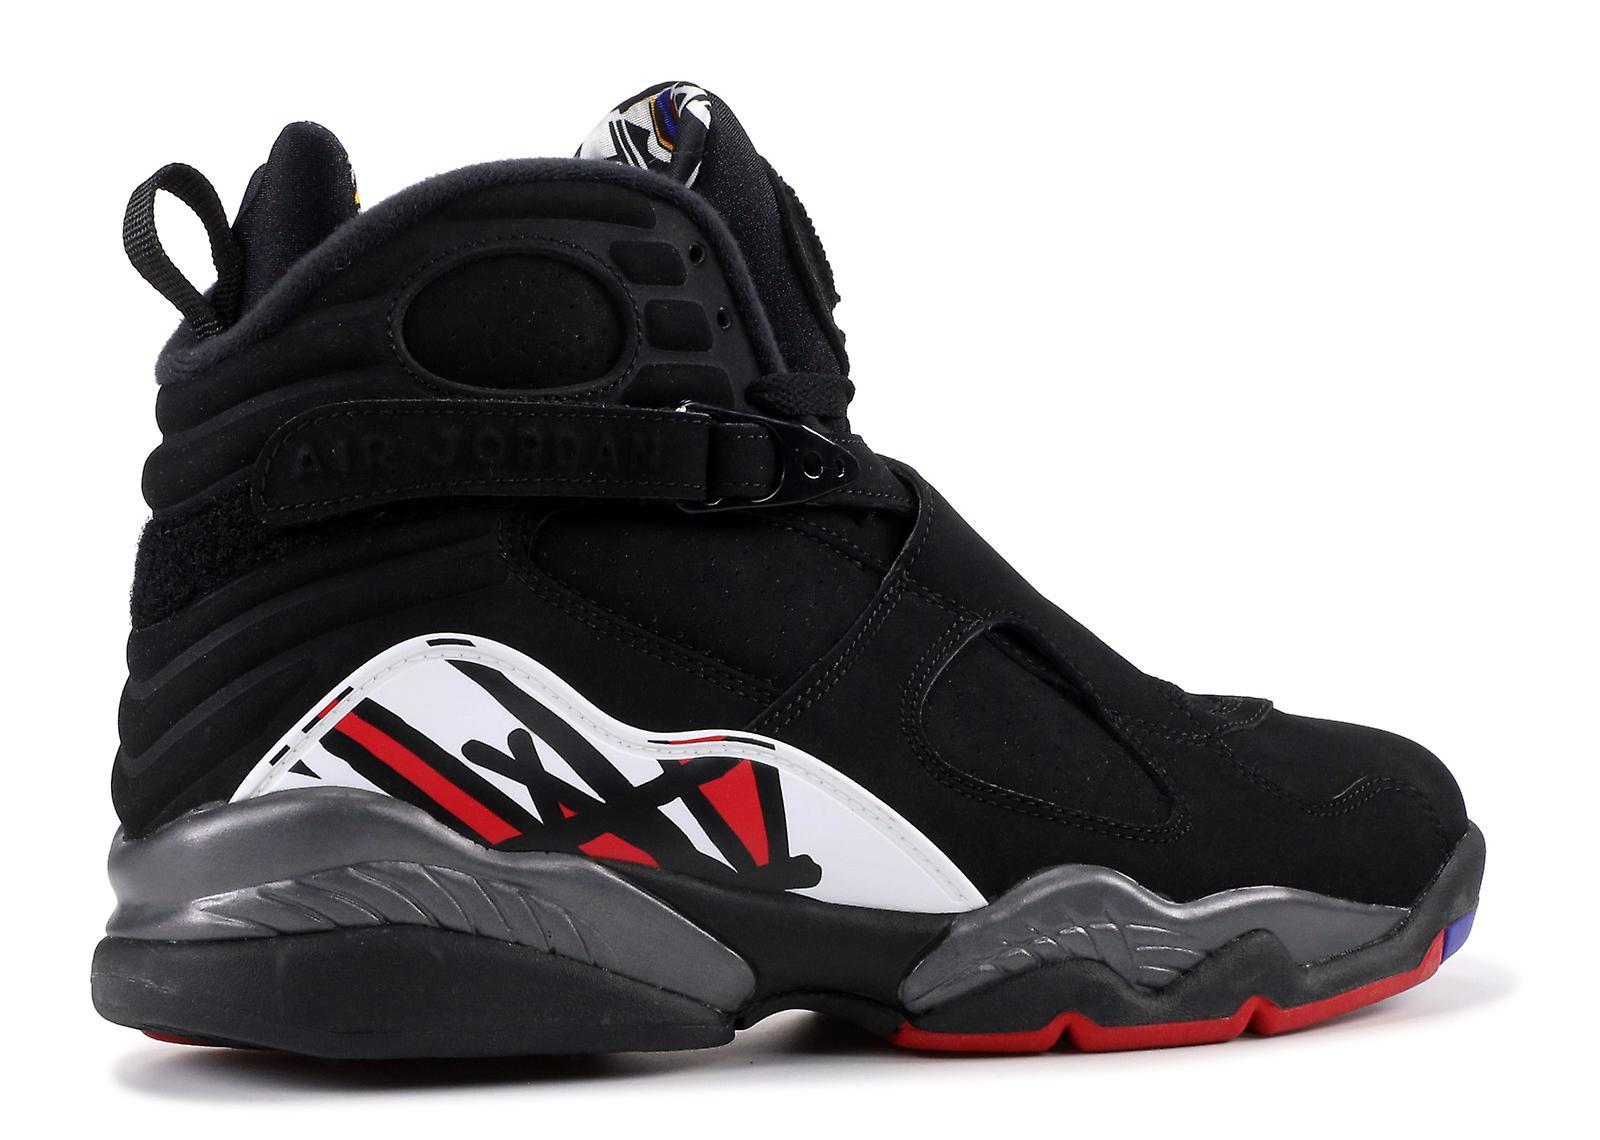 da4fca75b815 Air Jordan 8 Retro  Playoffs 2013 Release  - 305381-061 - Shoes